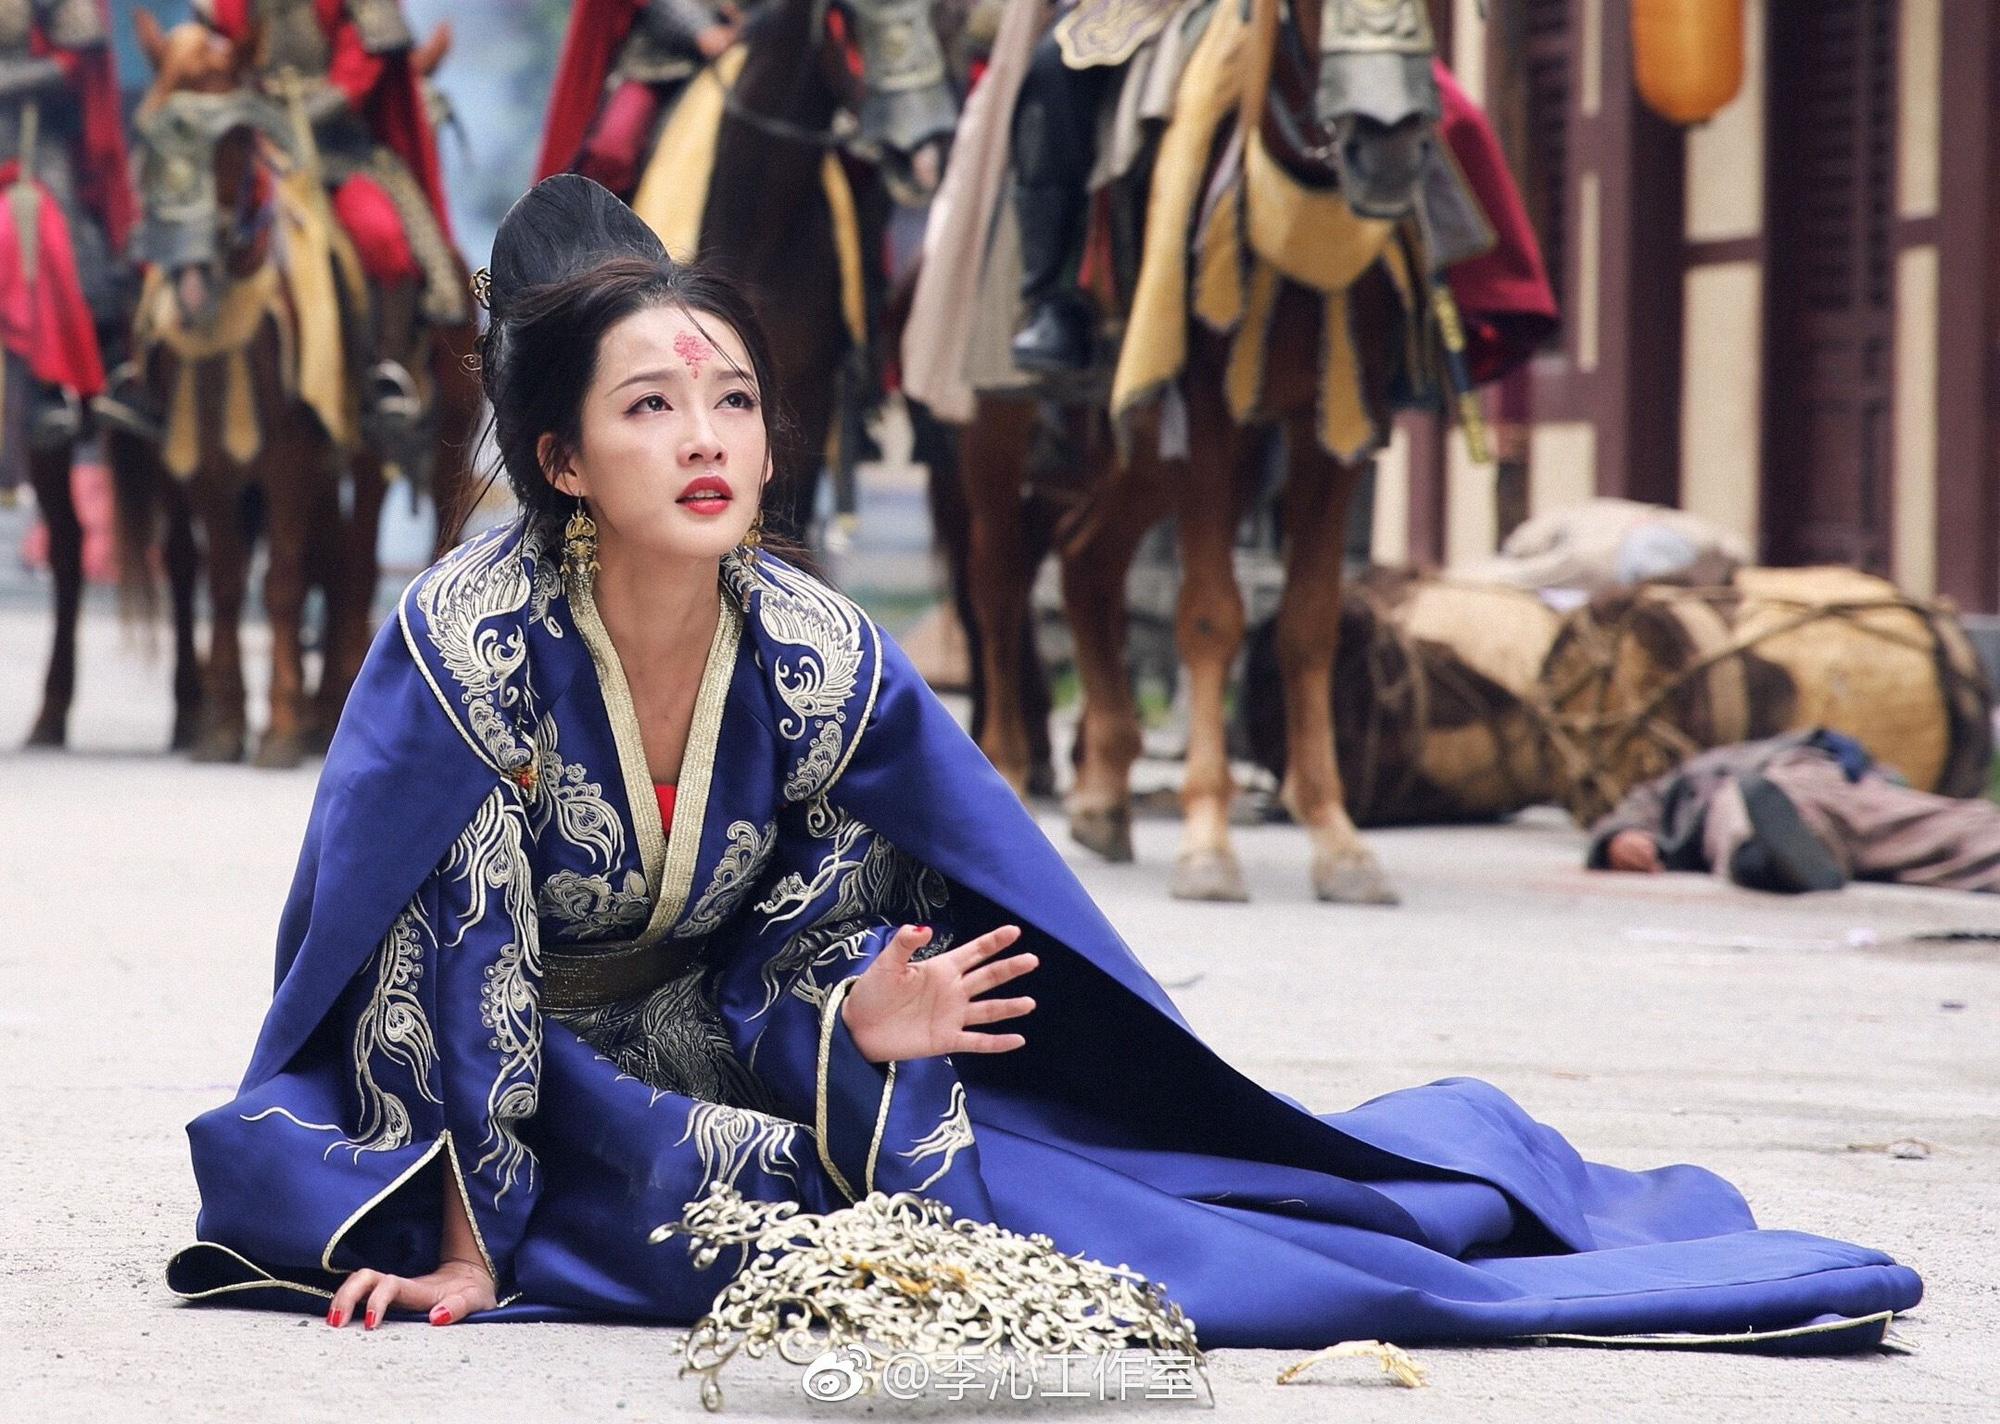 5 nàng công chúa bất hạnh nhất màn ảnh Hoa ngữ: Người mất một cánh tay, người chịu tủi nhục vì bị cưỡng bức - Ảnh 14.